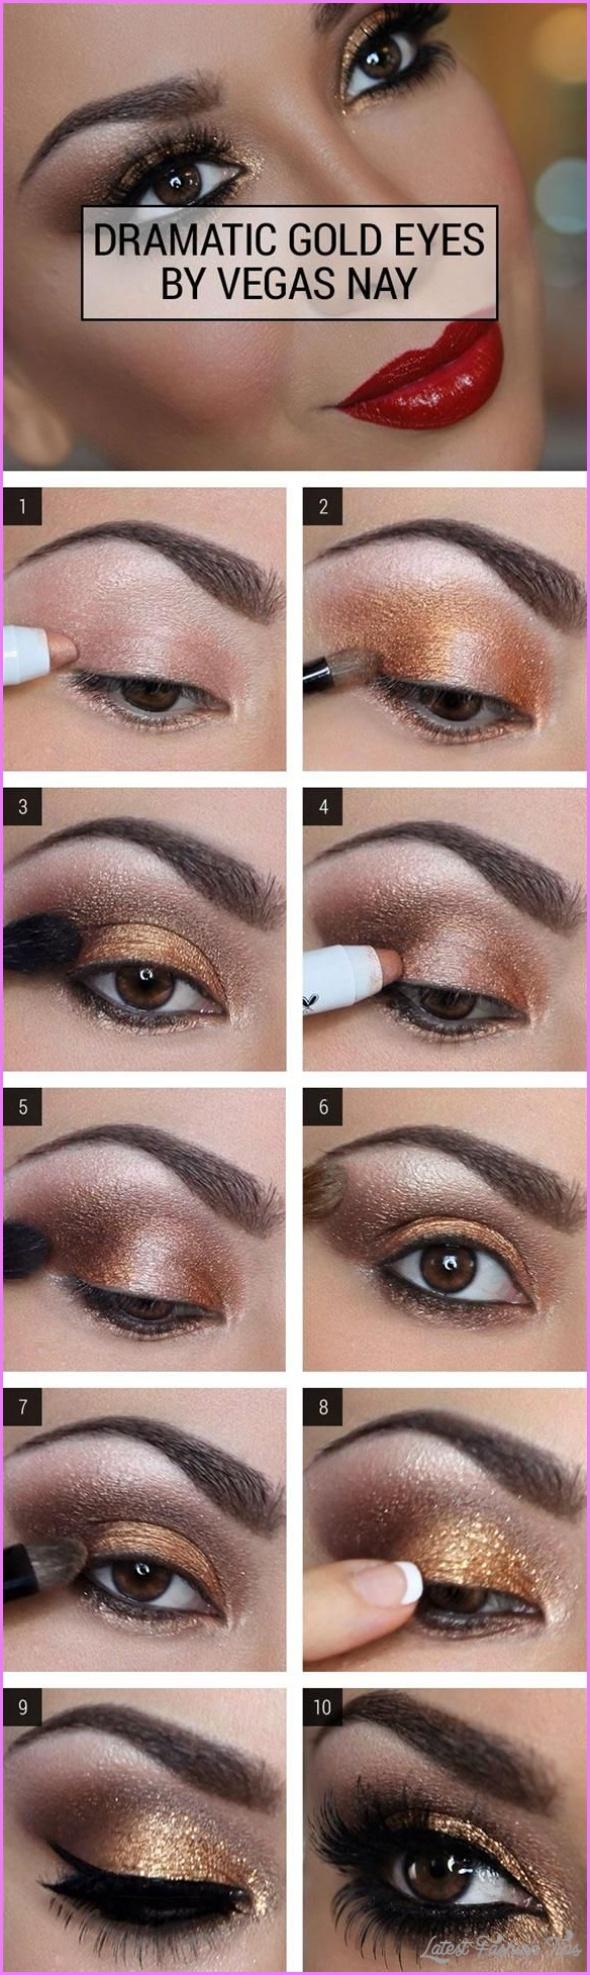 Cute Makeup Ideas For Dark Brown Eyes_13.jpg